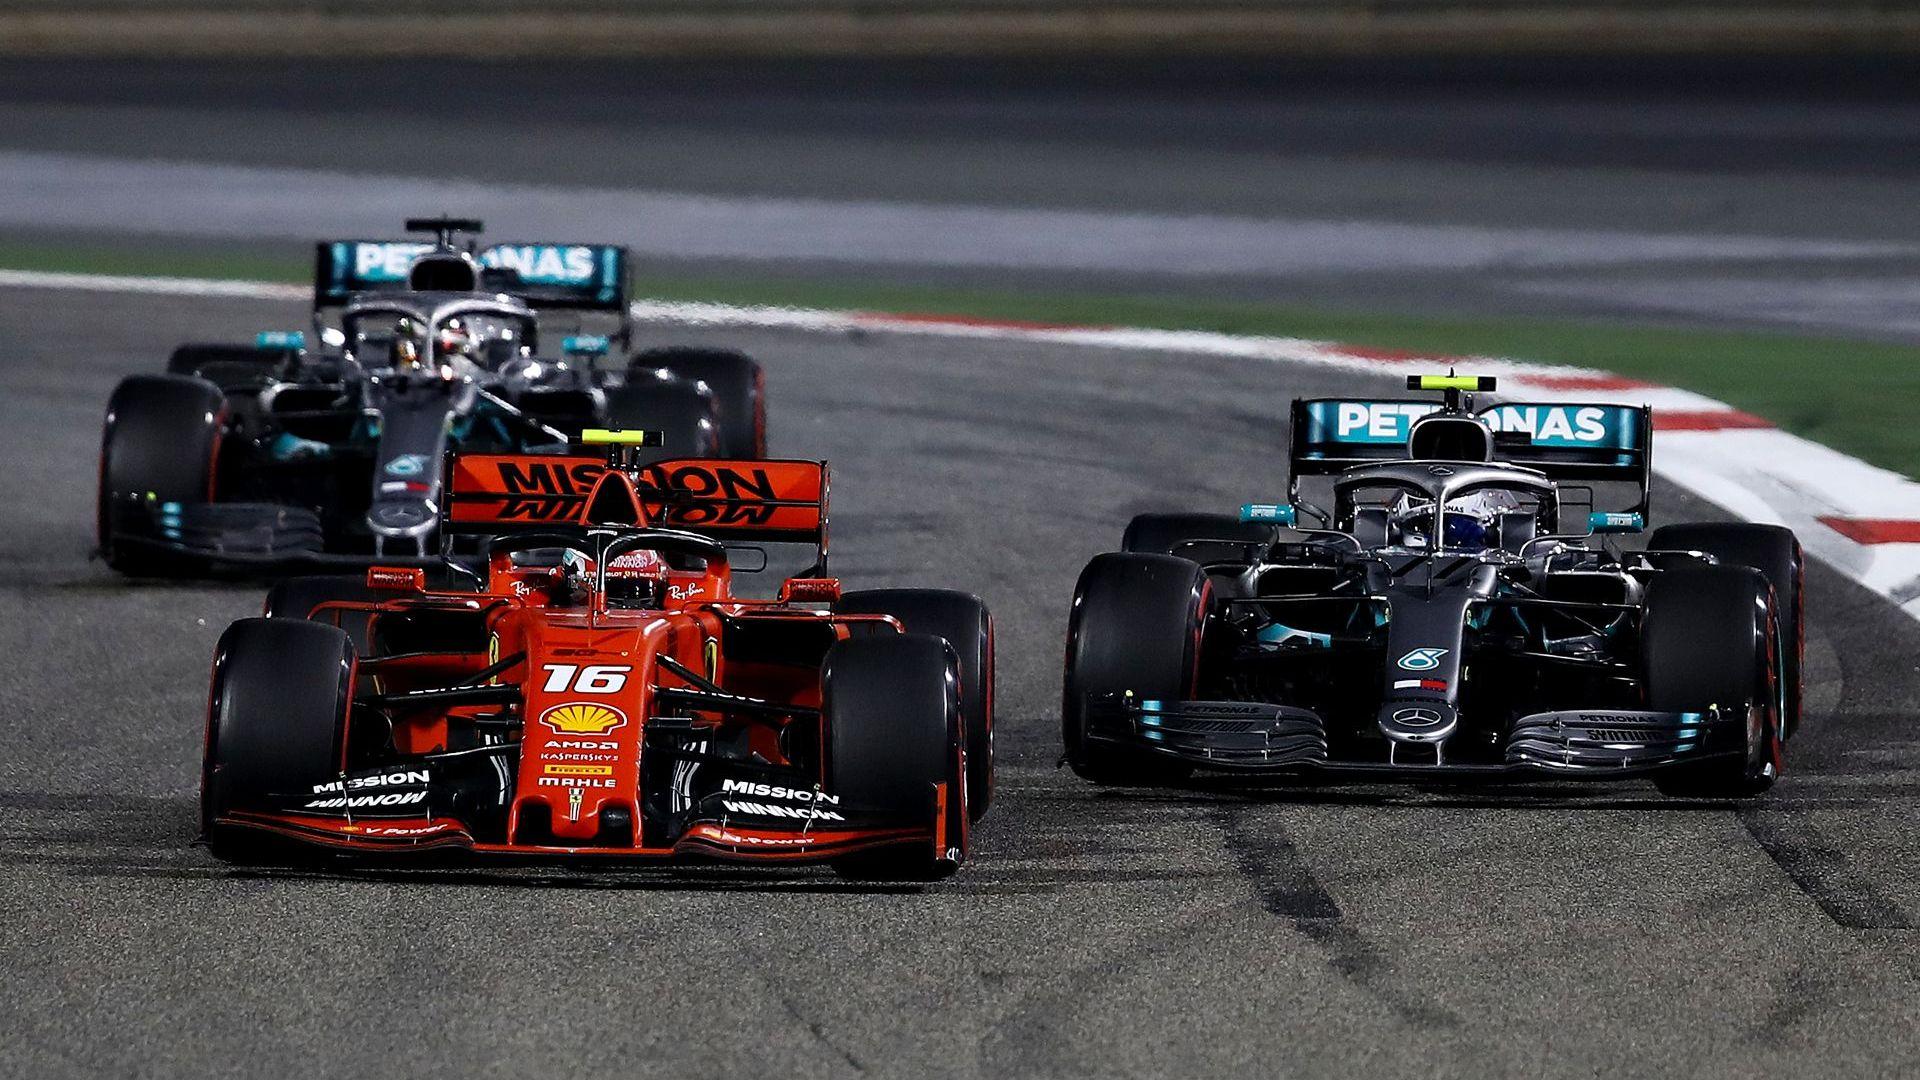 Формула 1 търси как да не изгуби 500 милиона паунда